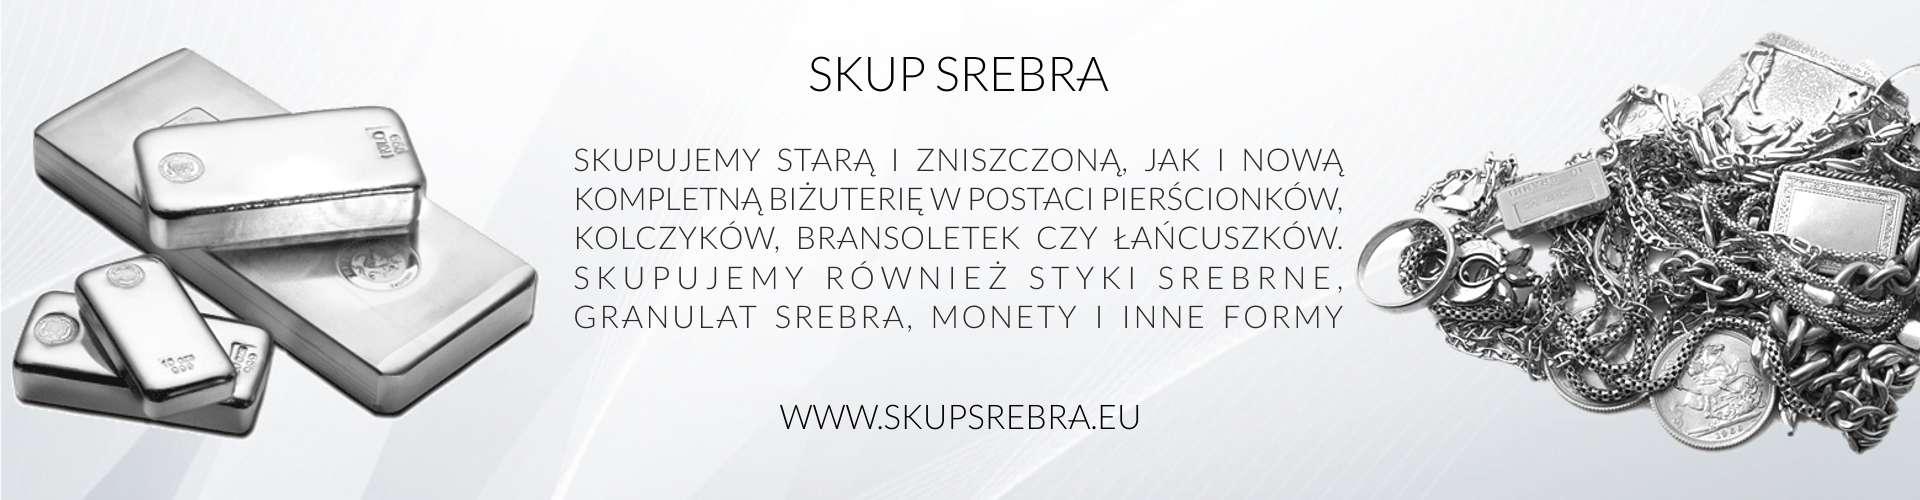 www.skupsrebra.eu